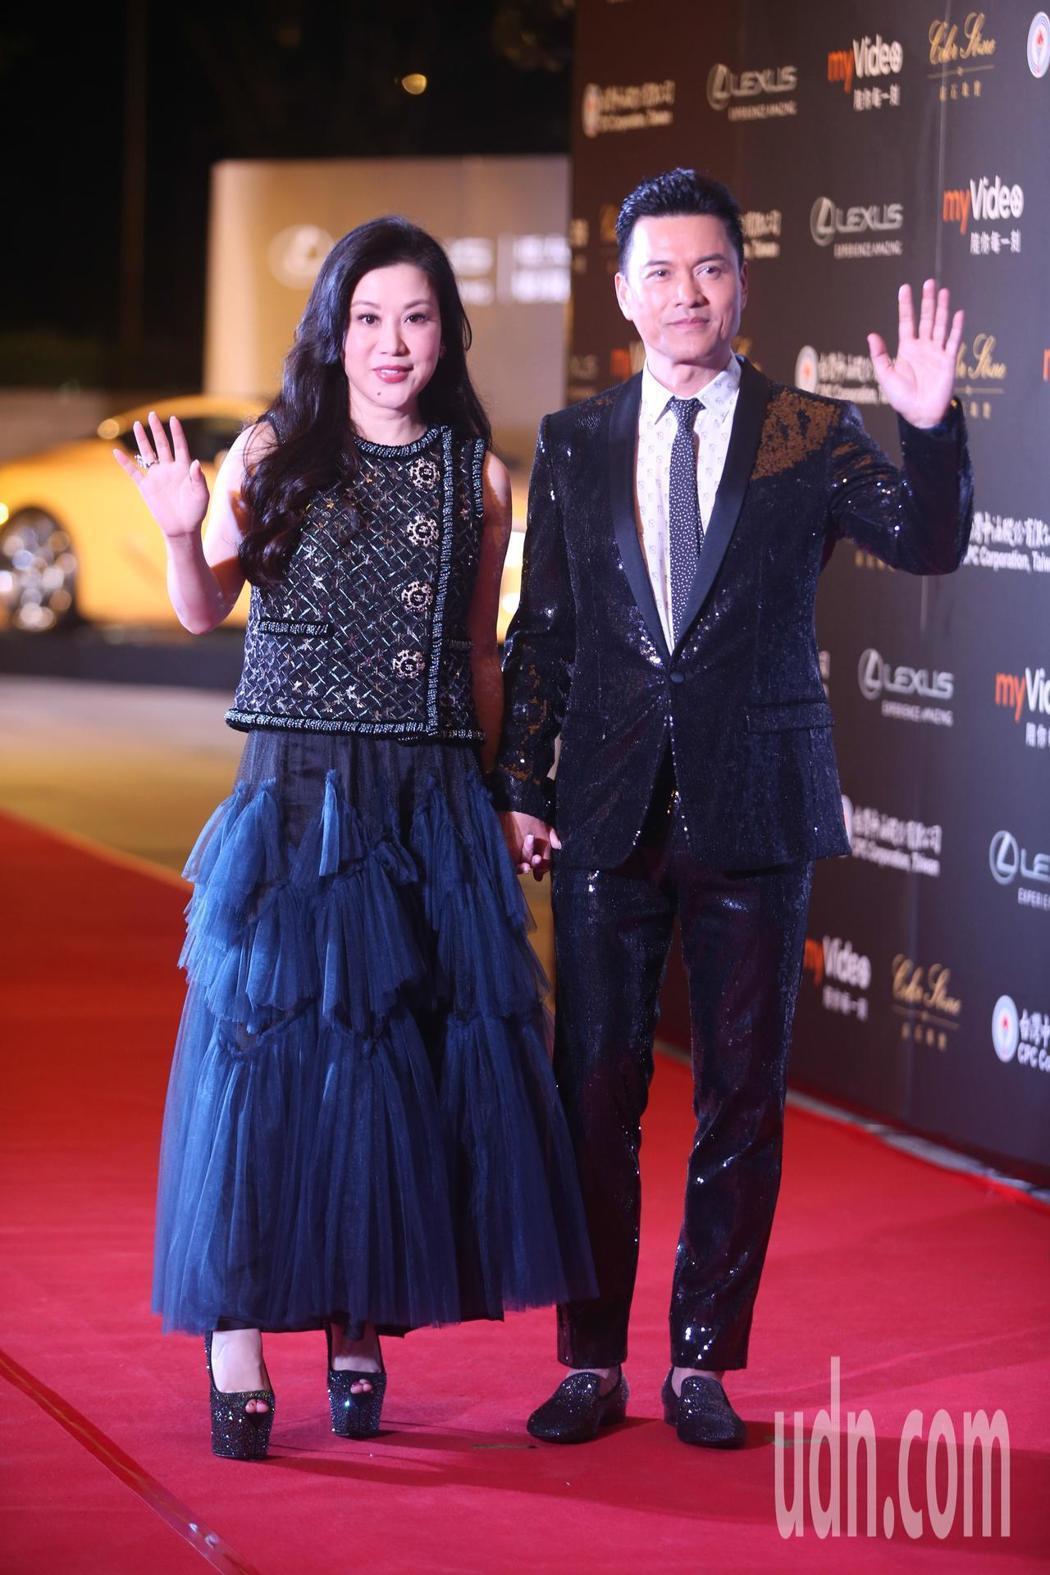 呂良偉(右)出席亞太影展星光大道。記者葉信菉/攝影